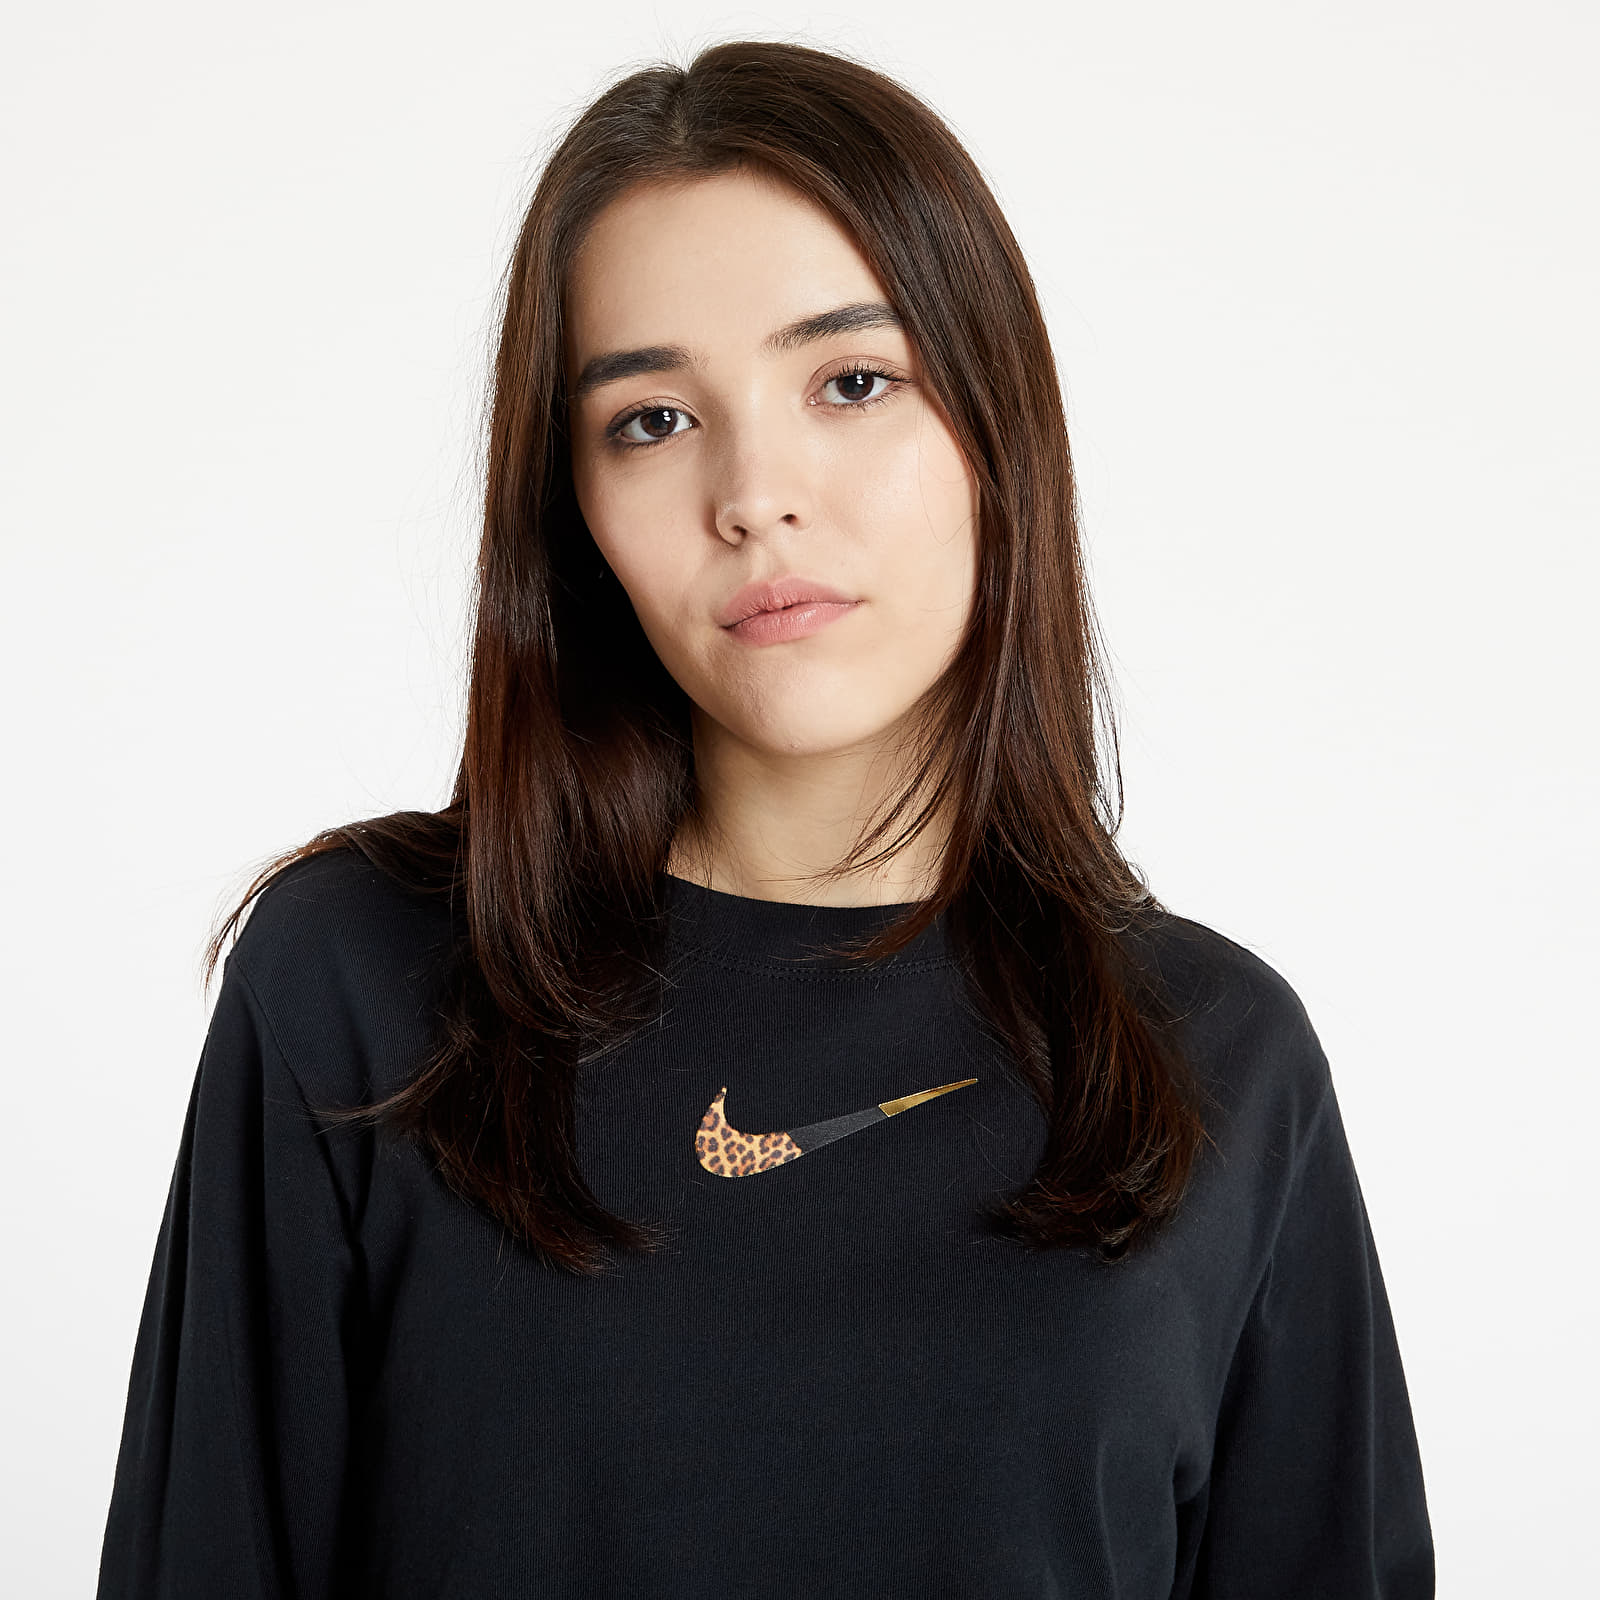 Nike Sportswear W NSW Tee Ls Boxy Patch Black S